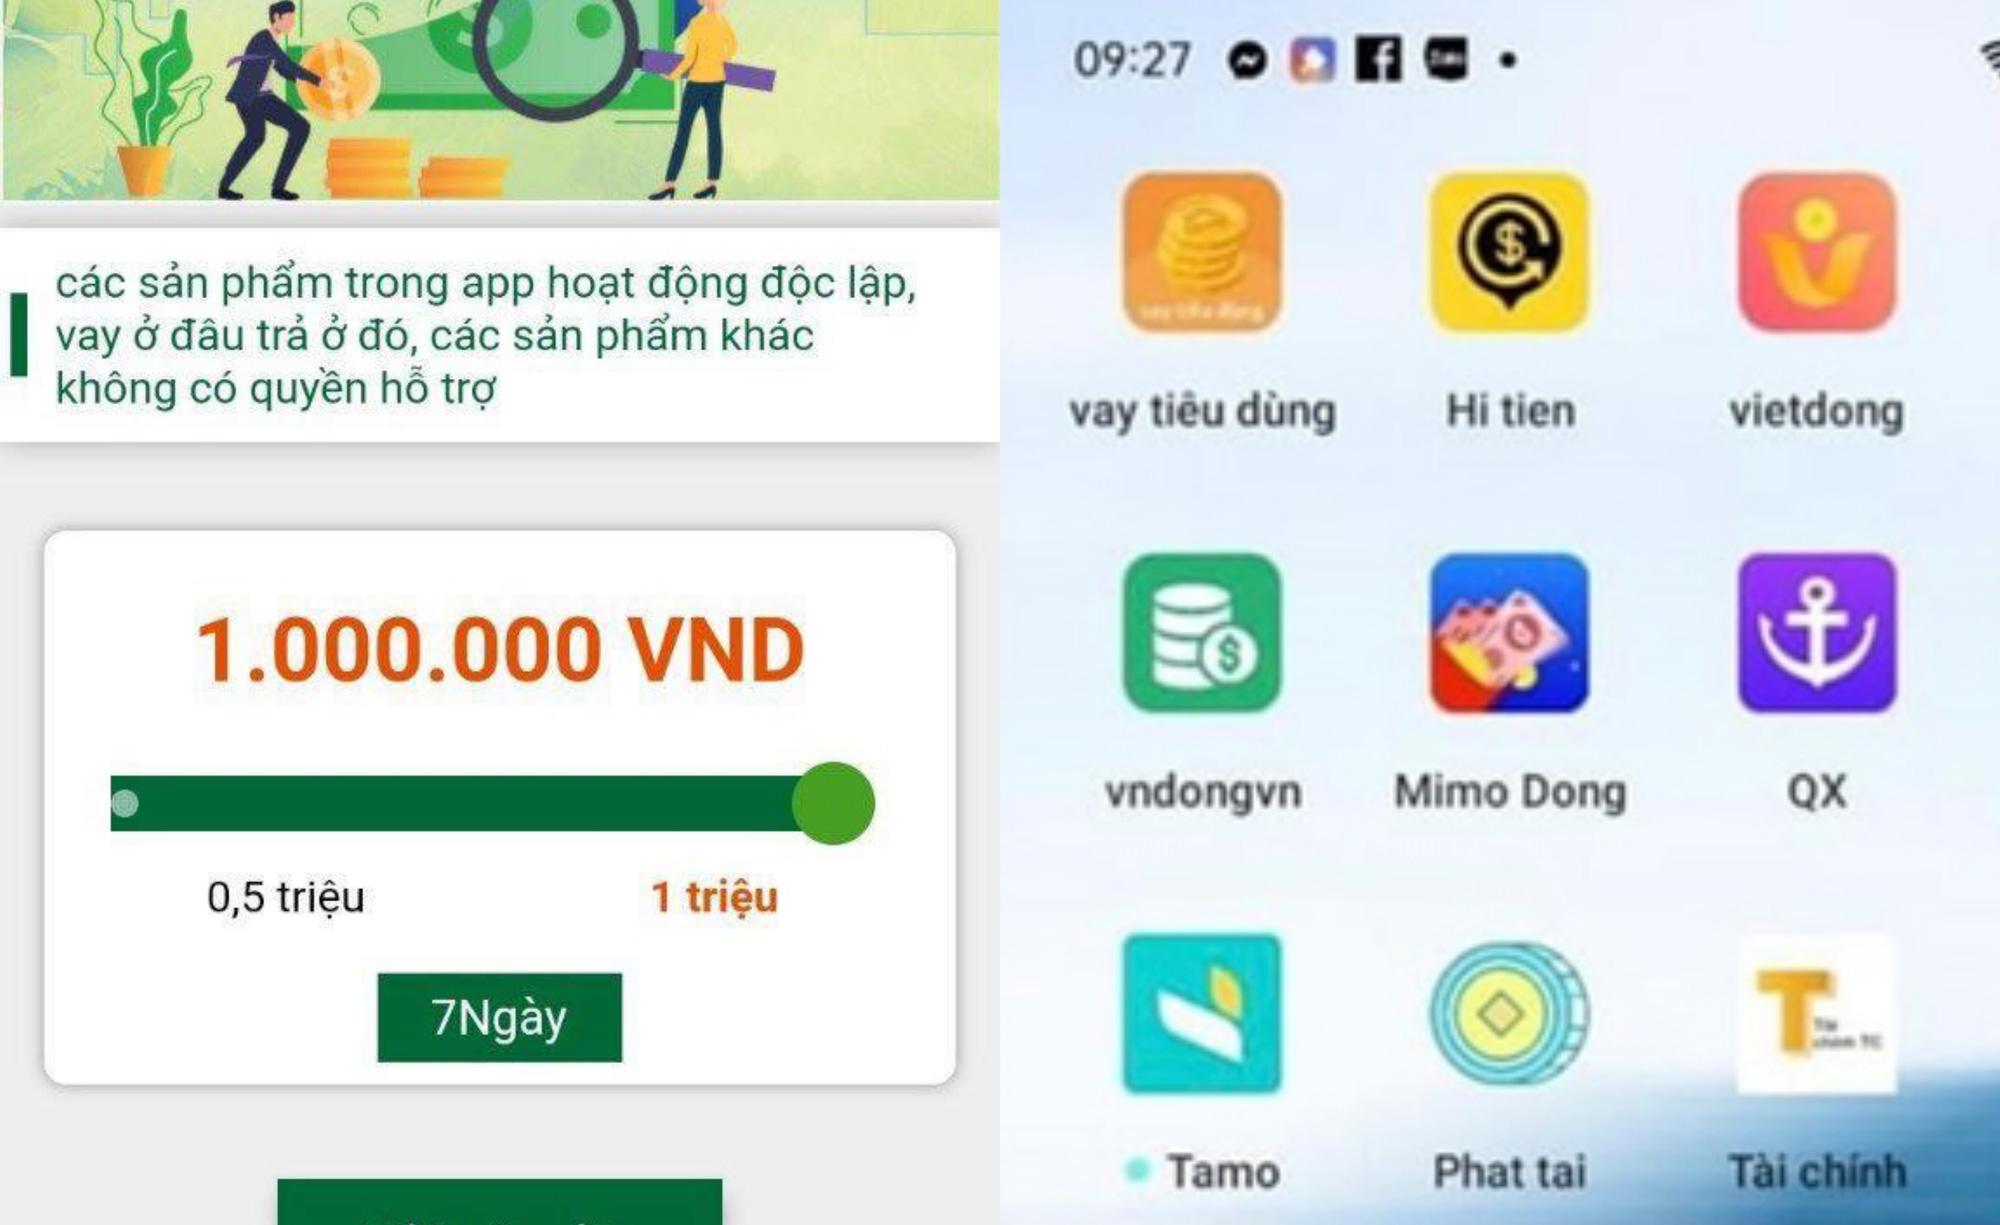 Vay 3 triệu qua App, người phụ nữ bị đưa vào tròng thành khoản nợ 480 triệu đồng - Ảnh 1.